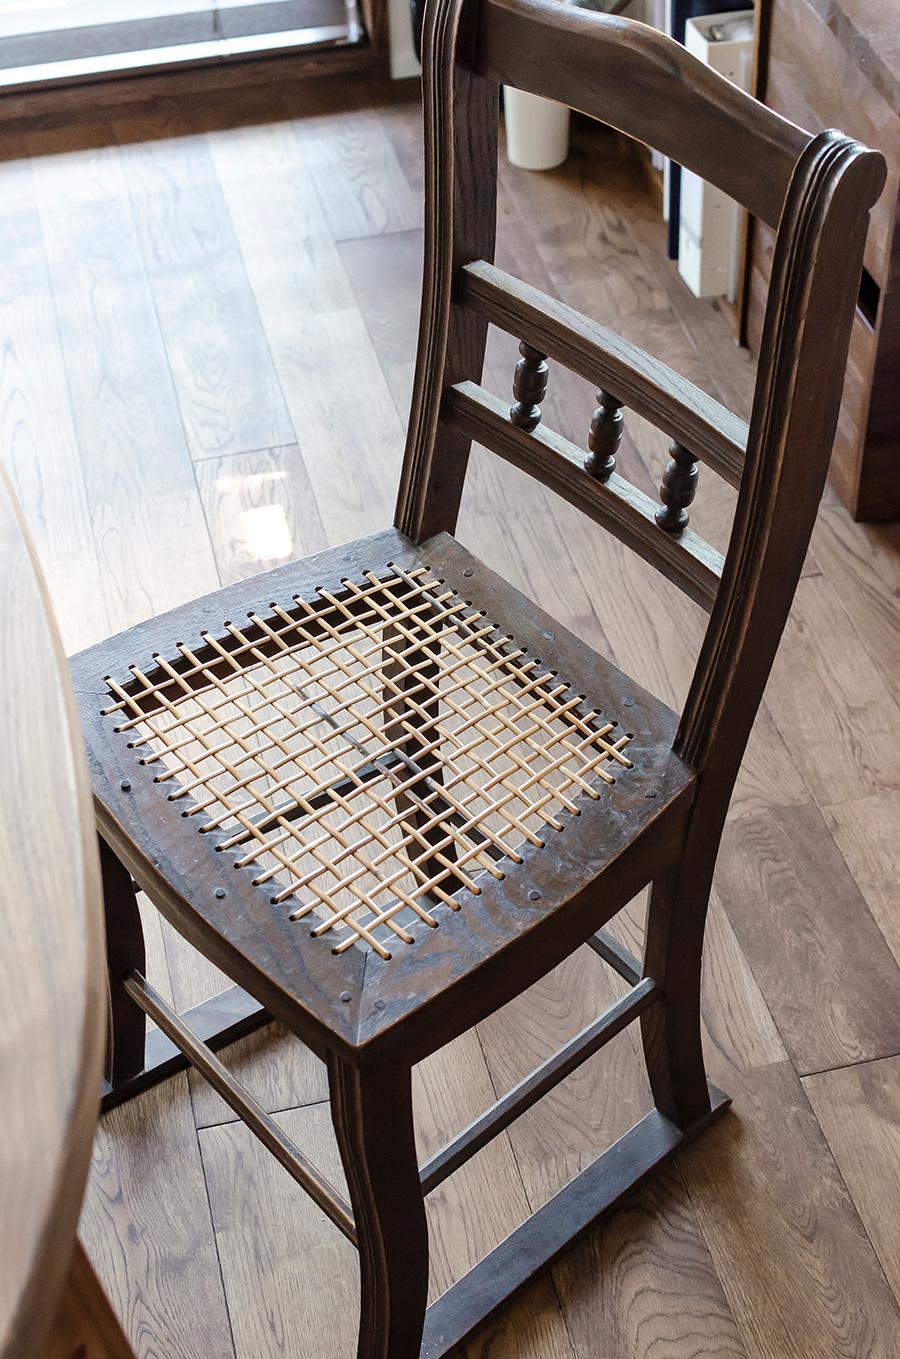 祖母の嫁入り道具だった椅子は座面を張り替えた。